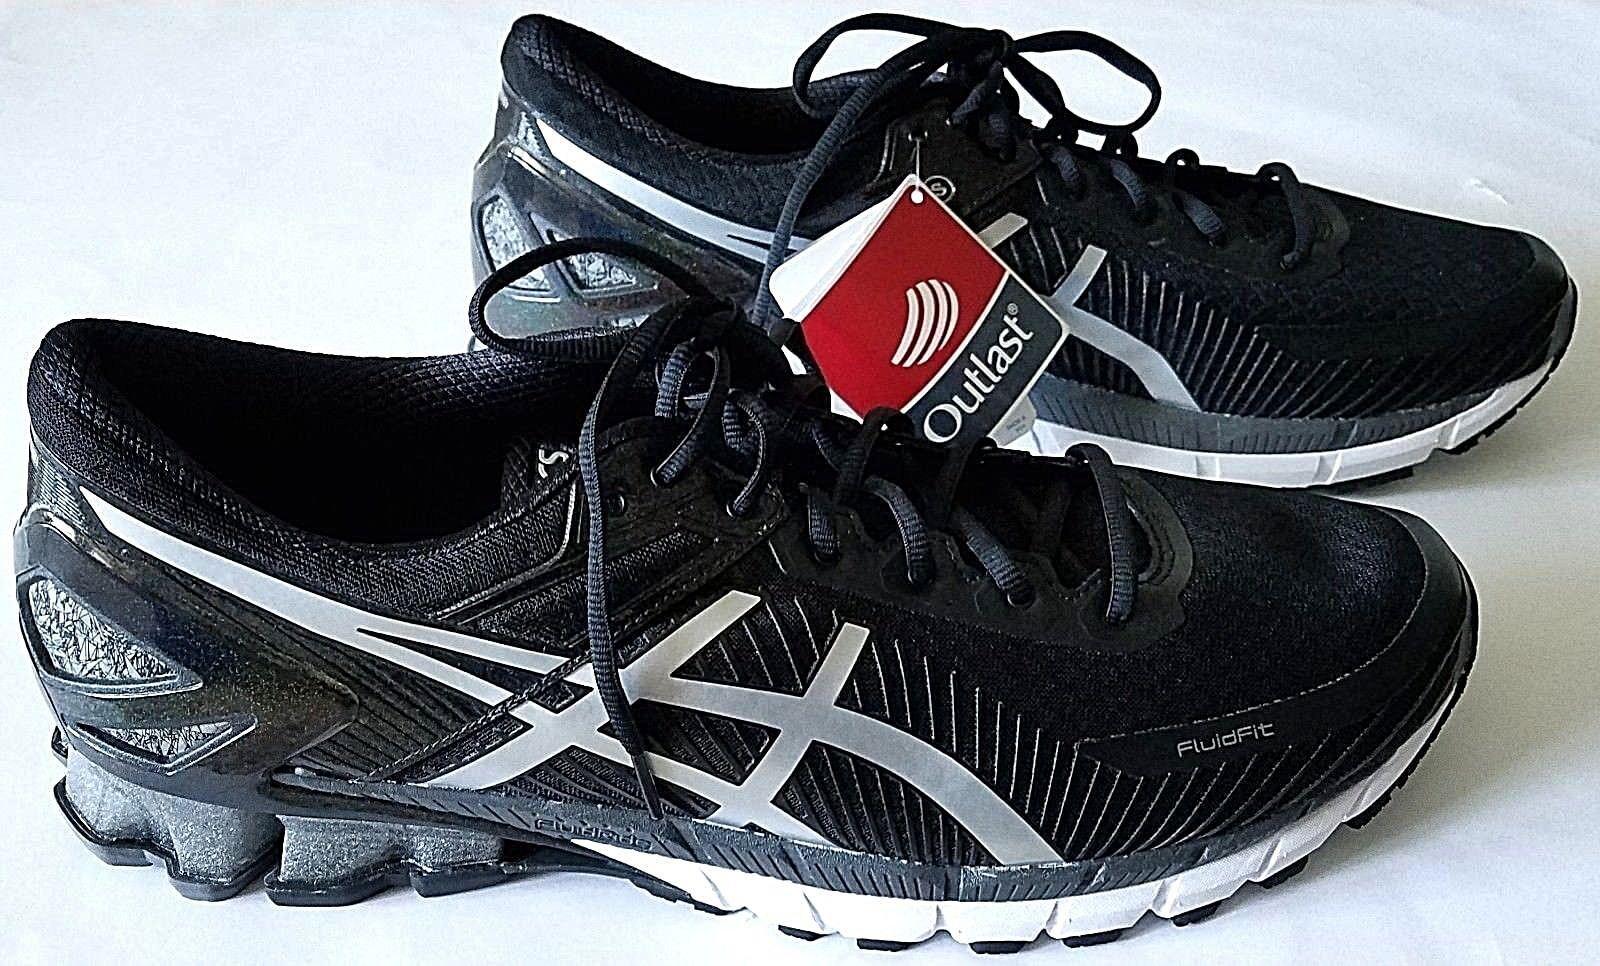 Nuovo ASICS GEL -Kinpei 6 nero   Glacier grigio  Carbon Expert Running scarpe Dimensione 15  più sconto